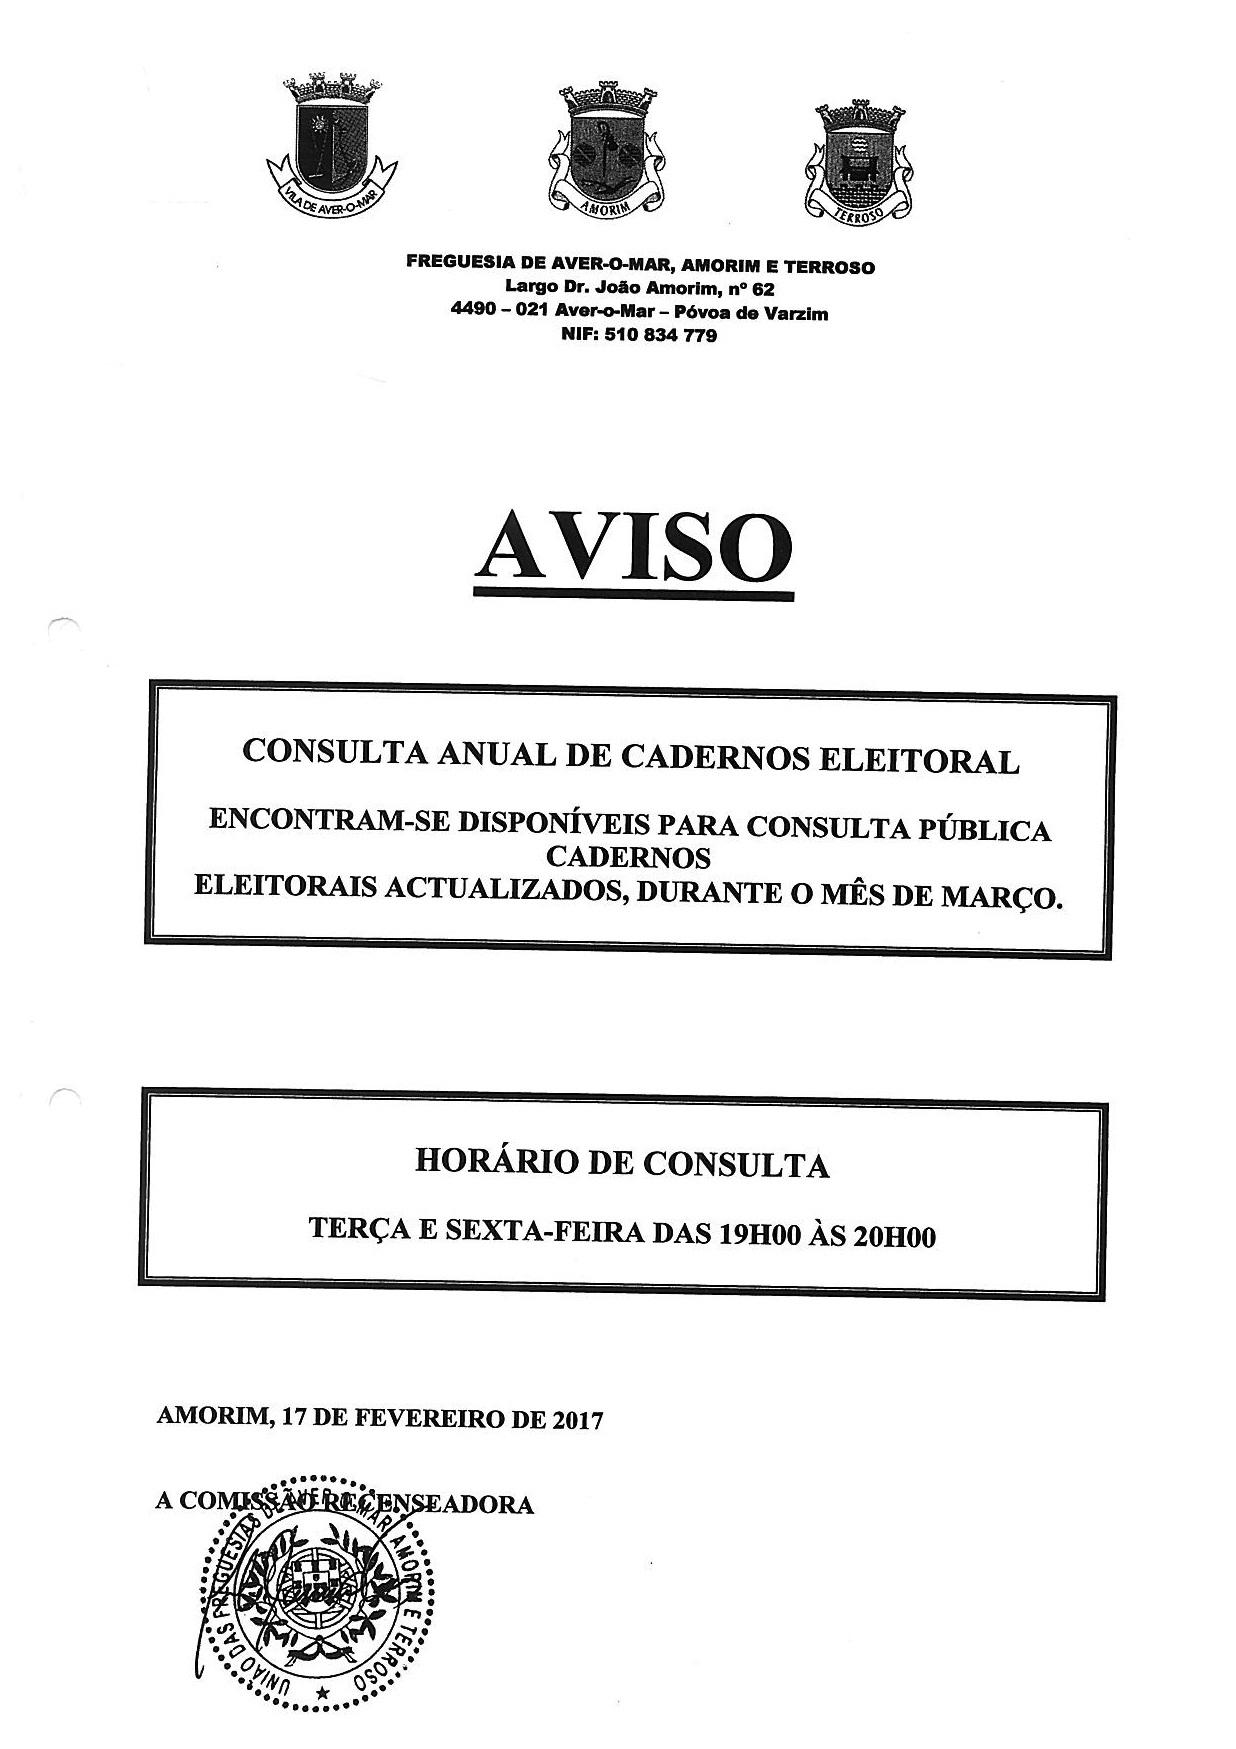 Consulta de Cadernos Eleitorais em Amorim